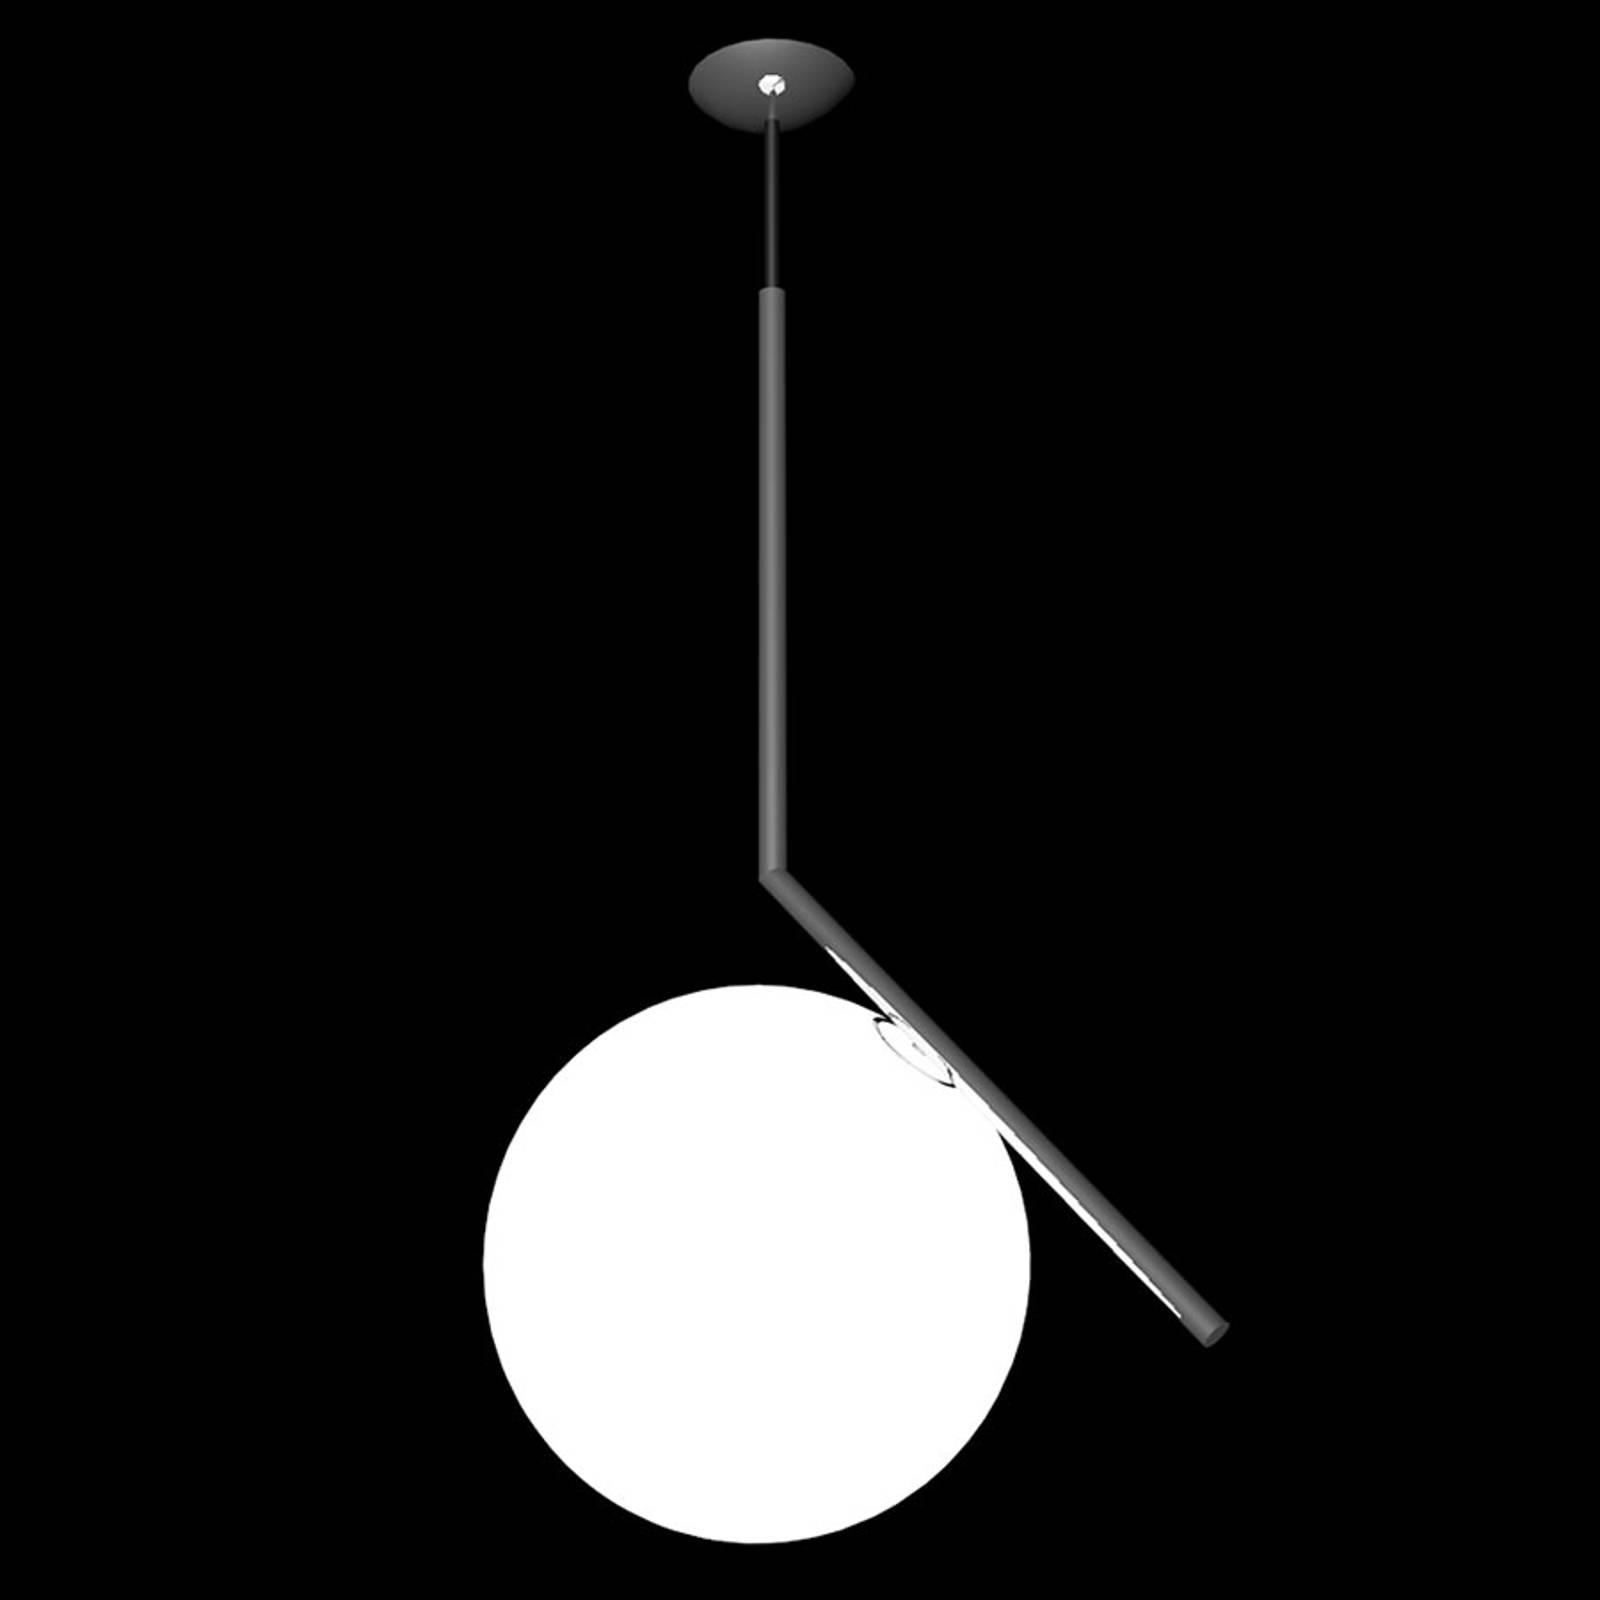 FLOS IC S2 Designer-Hängeleuchte, schwarz Ø 30 cm